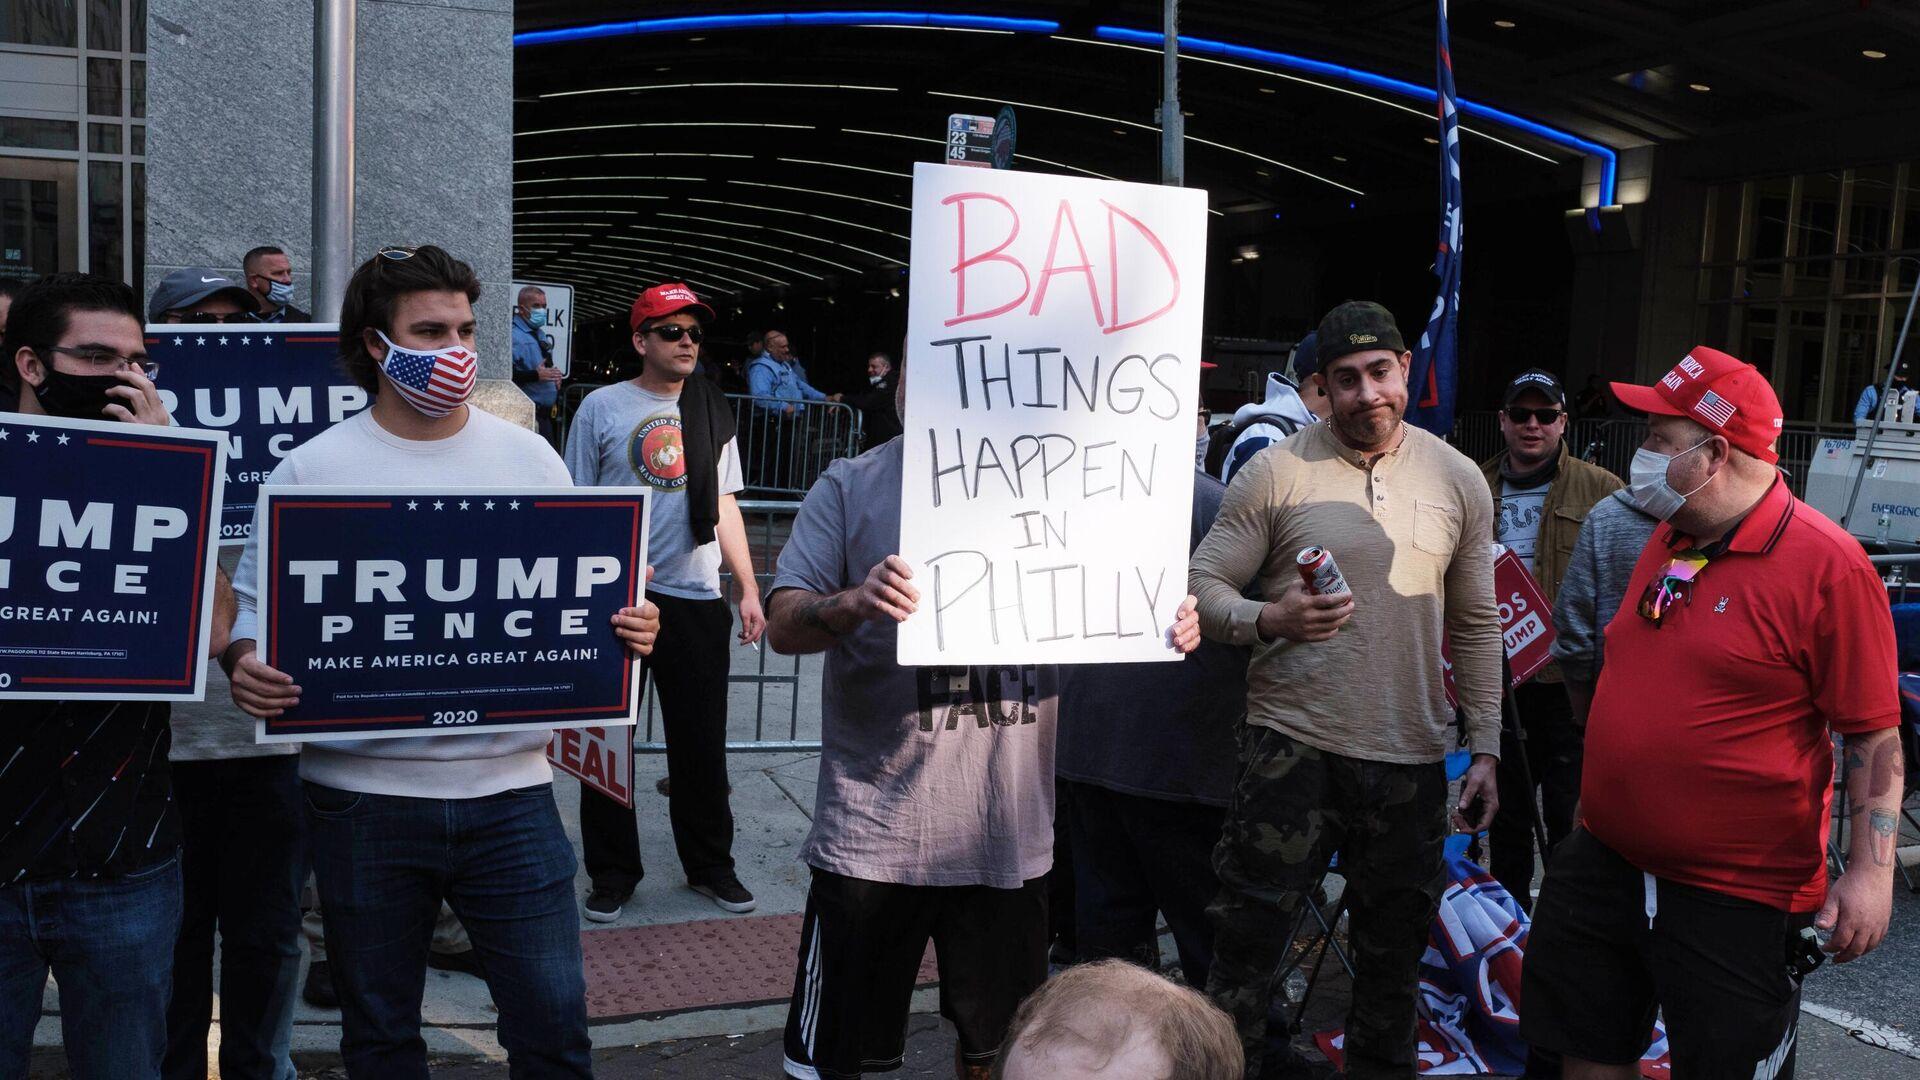 Сторонники президента США Дональда Трампа во время акции протеста перед Конгресс-центром в Филадельфии - РИА Новости, 1920, 08.11.2020